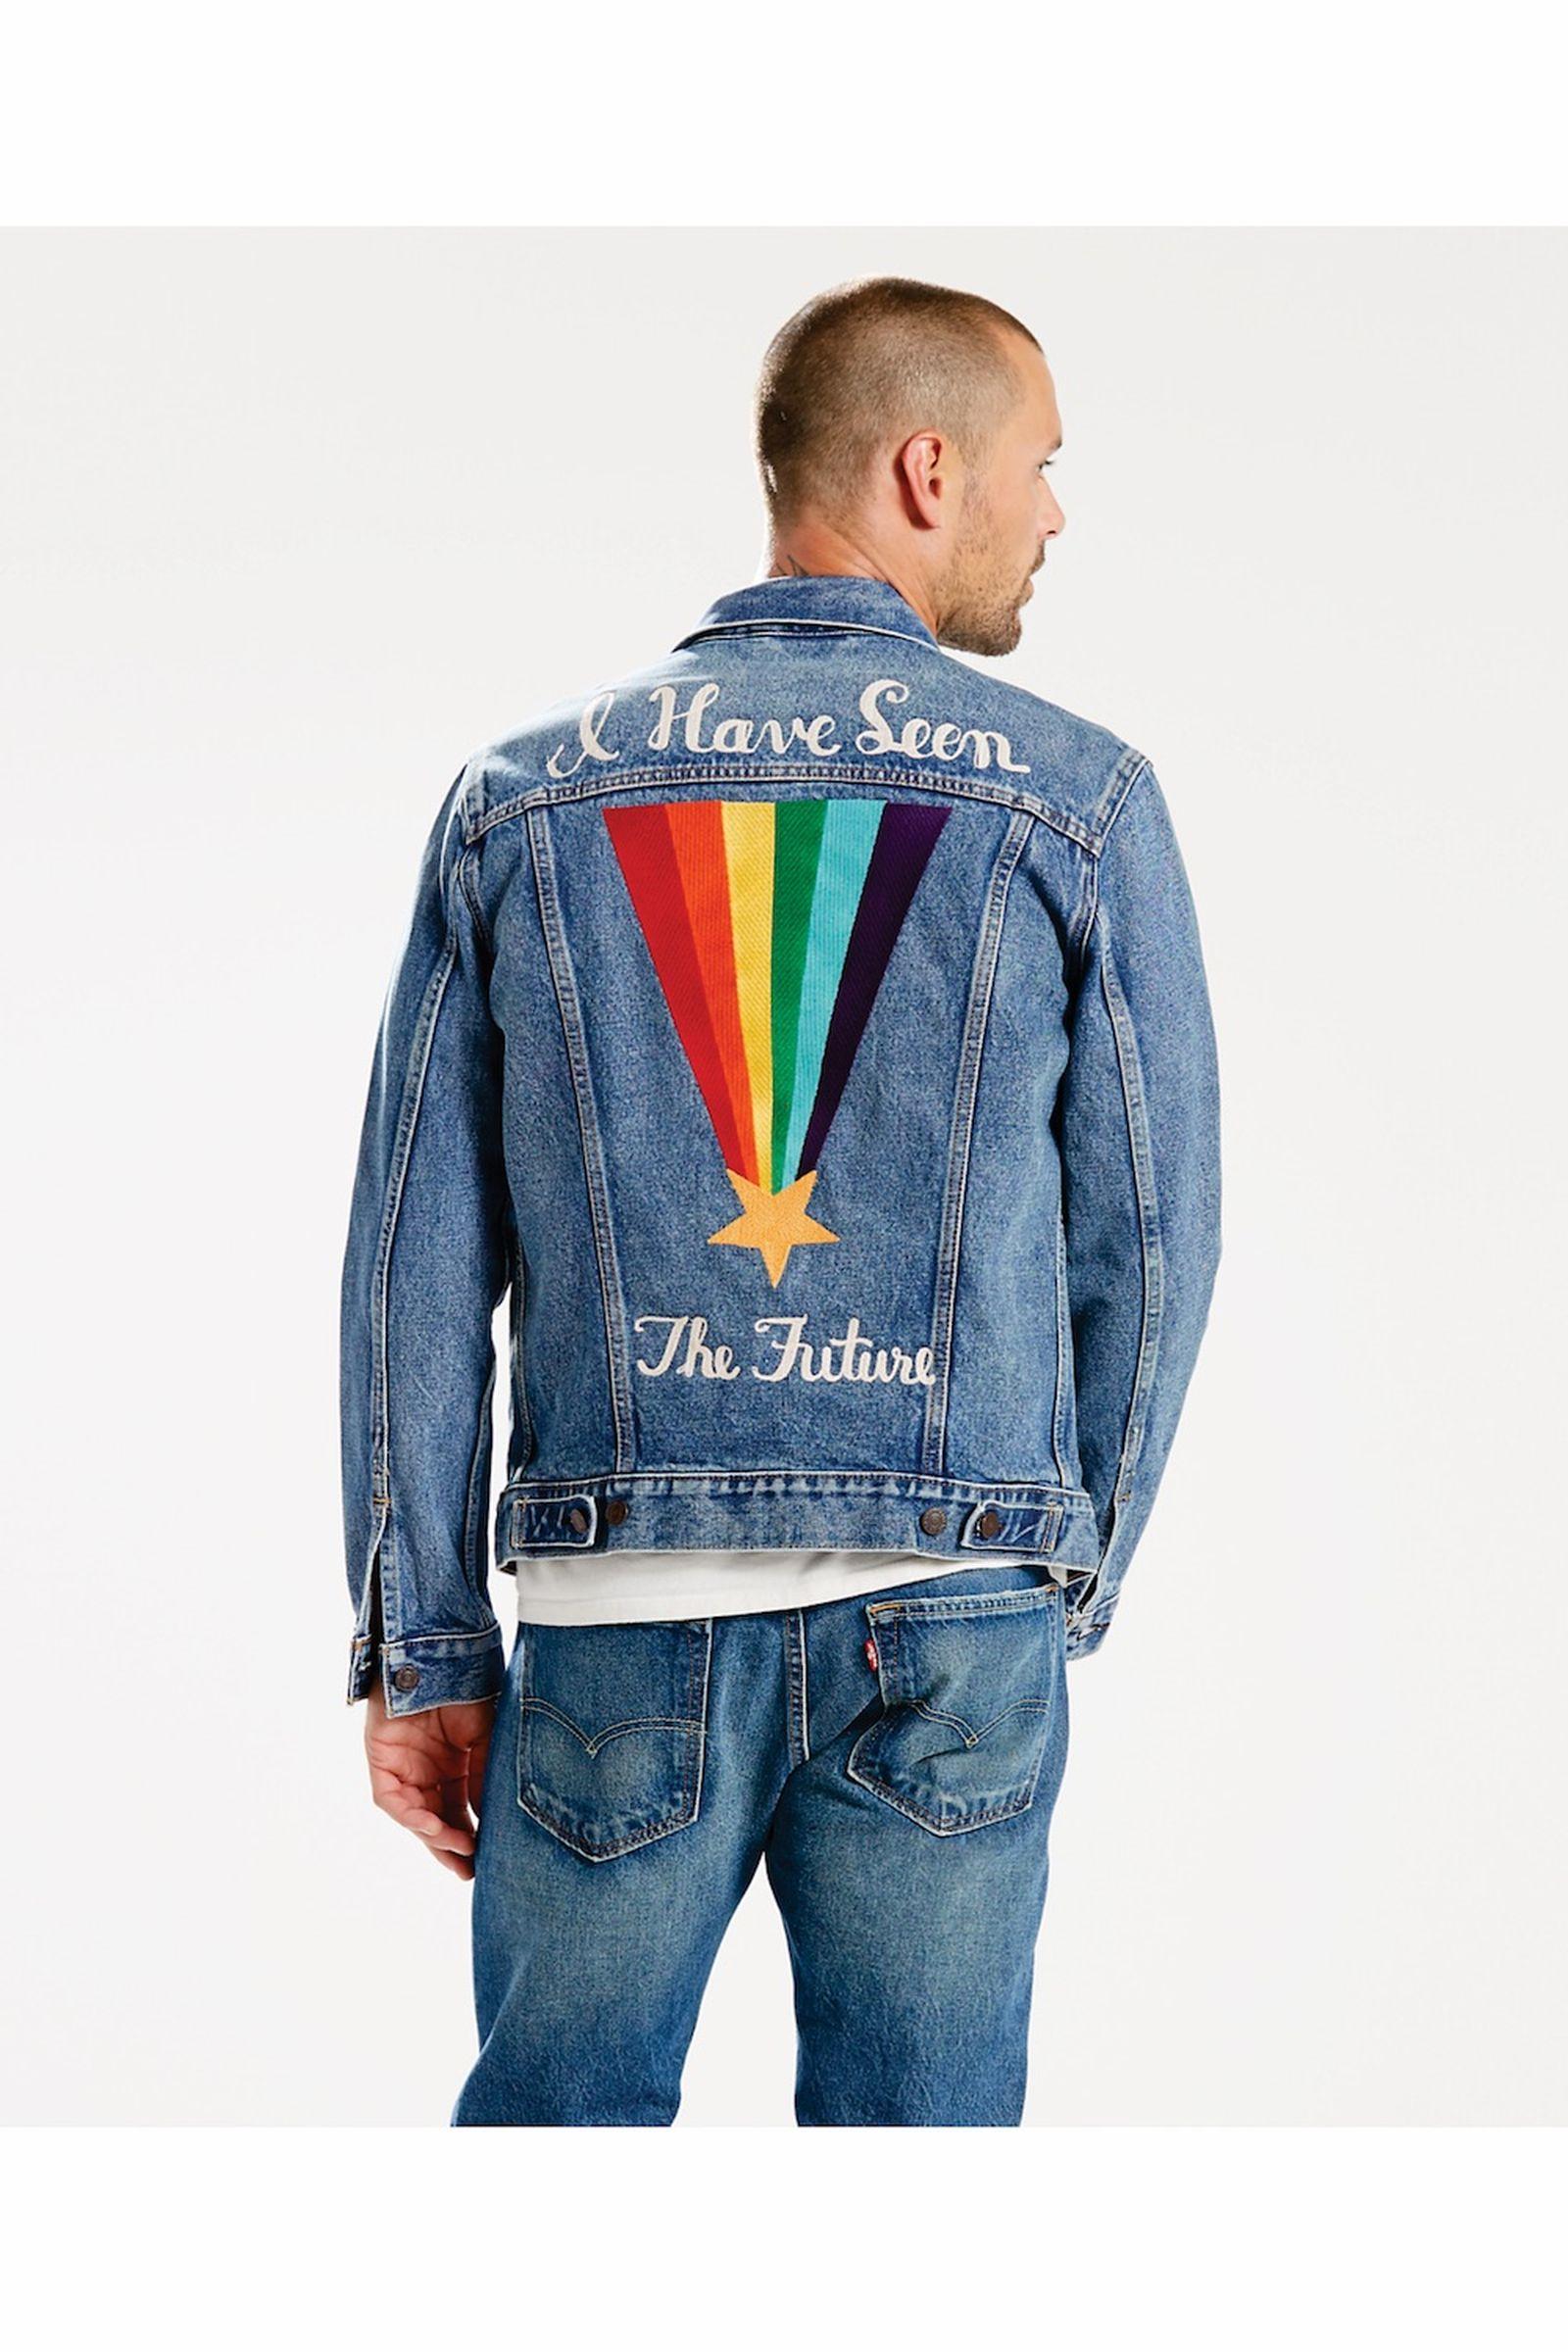 levis 2018 pride collection Levi's